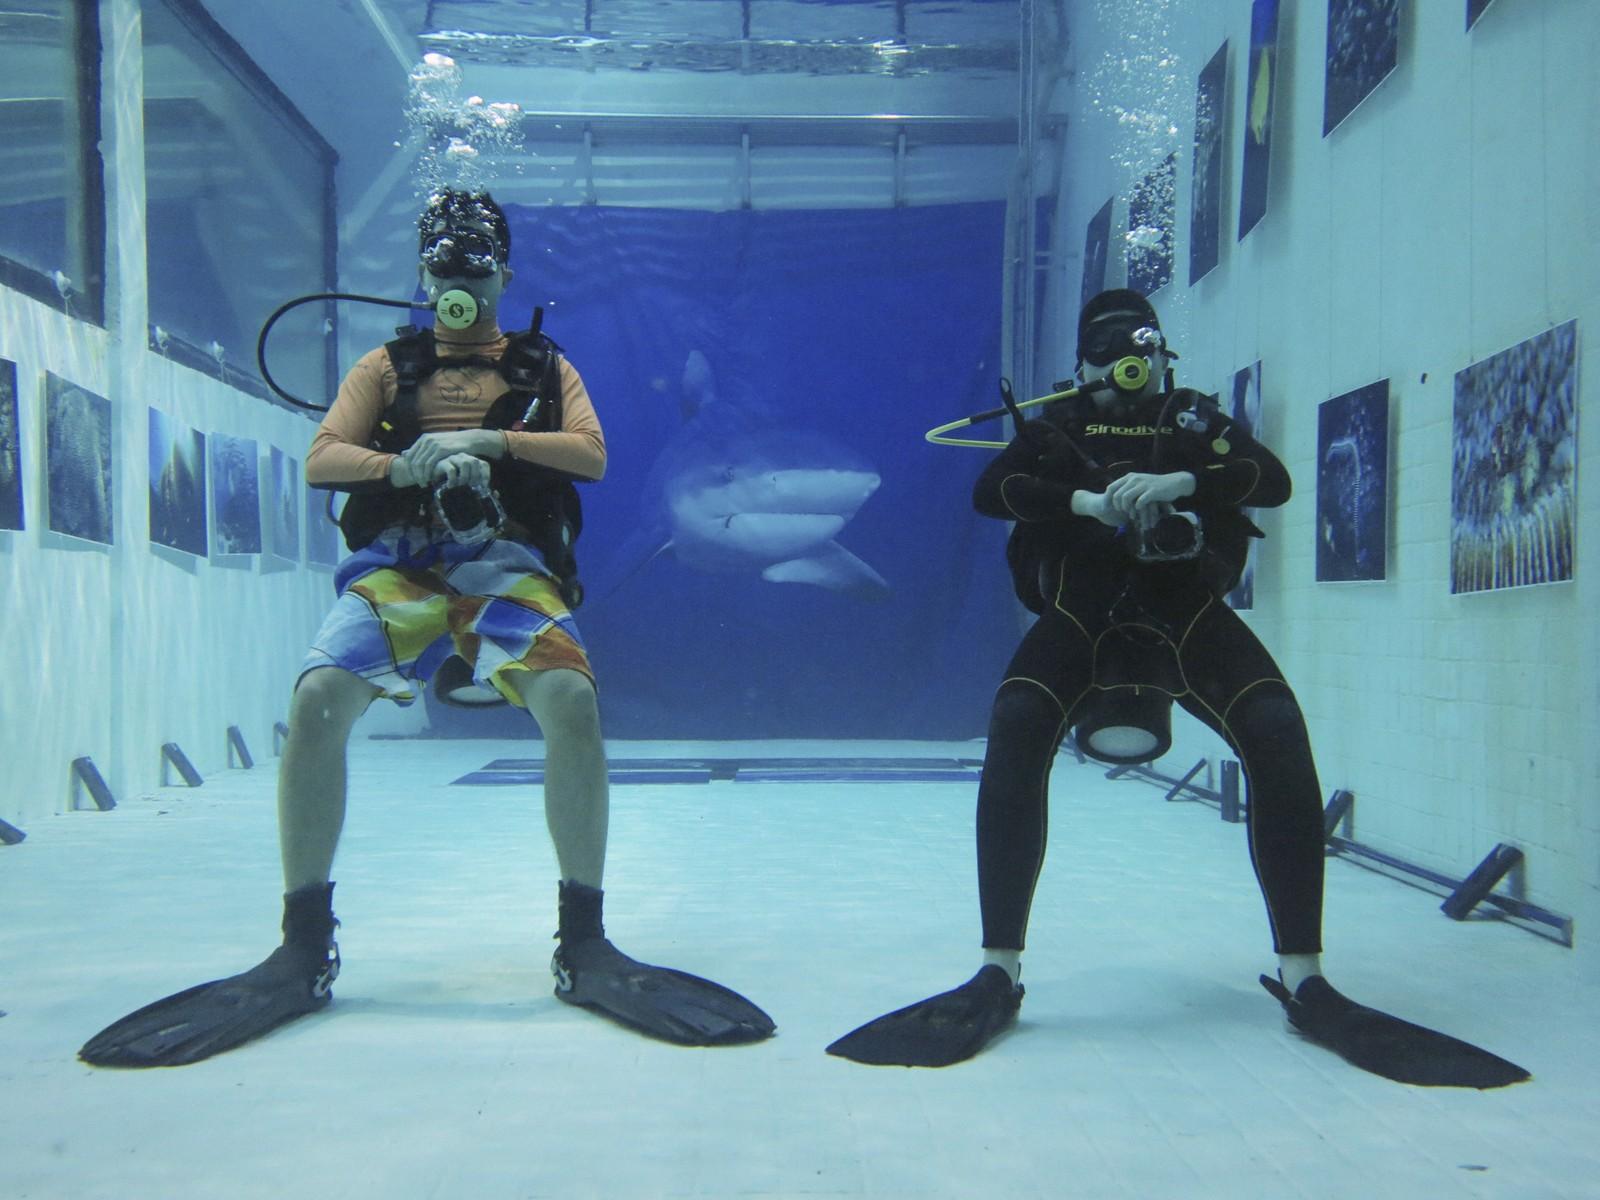 Dette bildet viser to dykkere som besøker en foto-utstilling under vann. Tanken skal ha vært å gi en original opplevelse i et tilnærma lyd- og lufttett miljø.